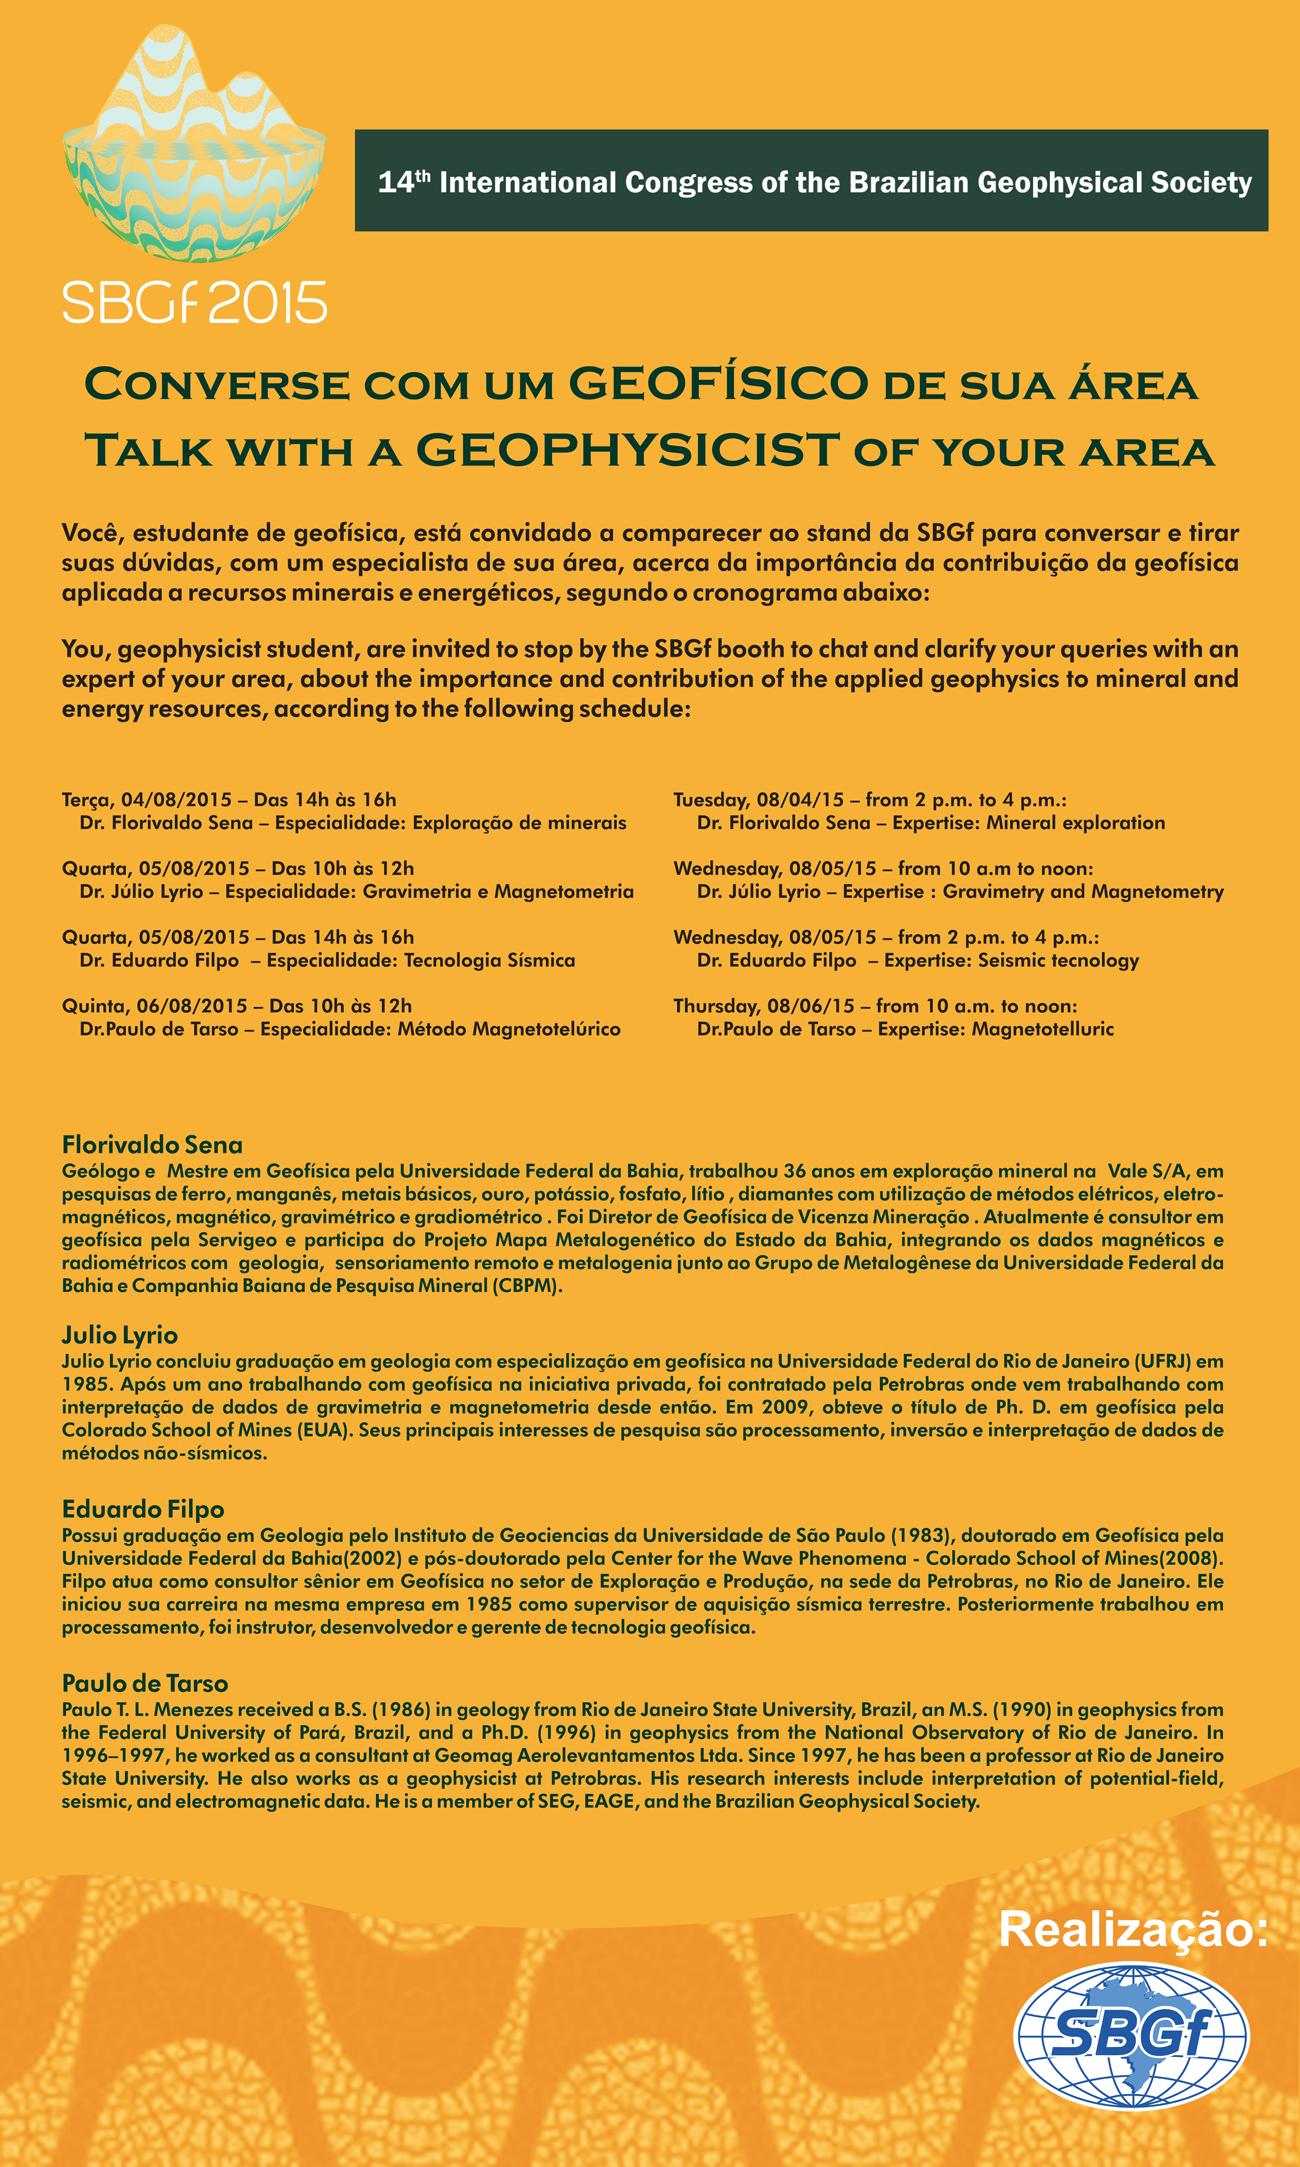 Converse com um Geofísico